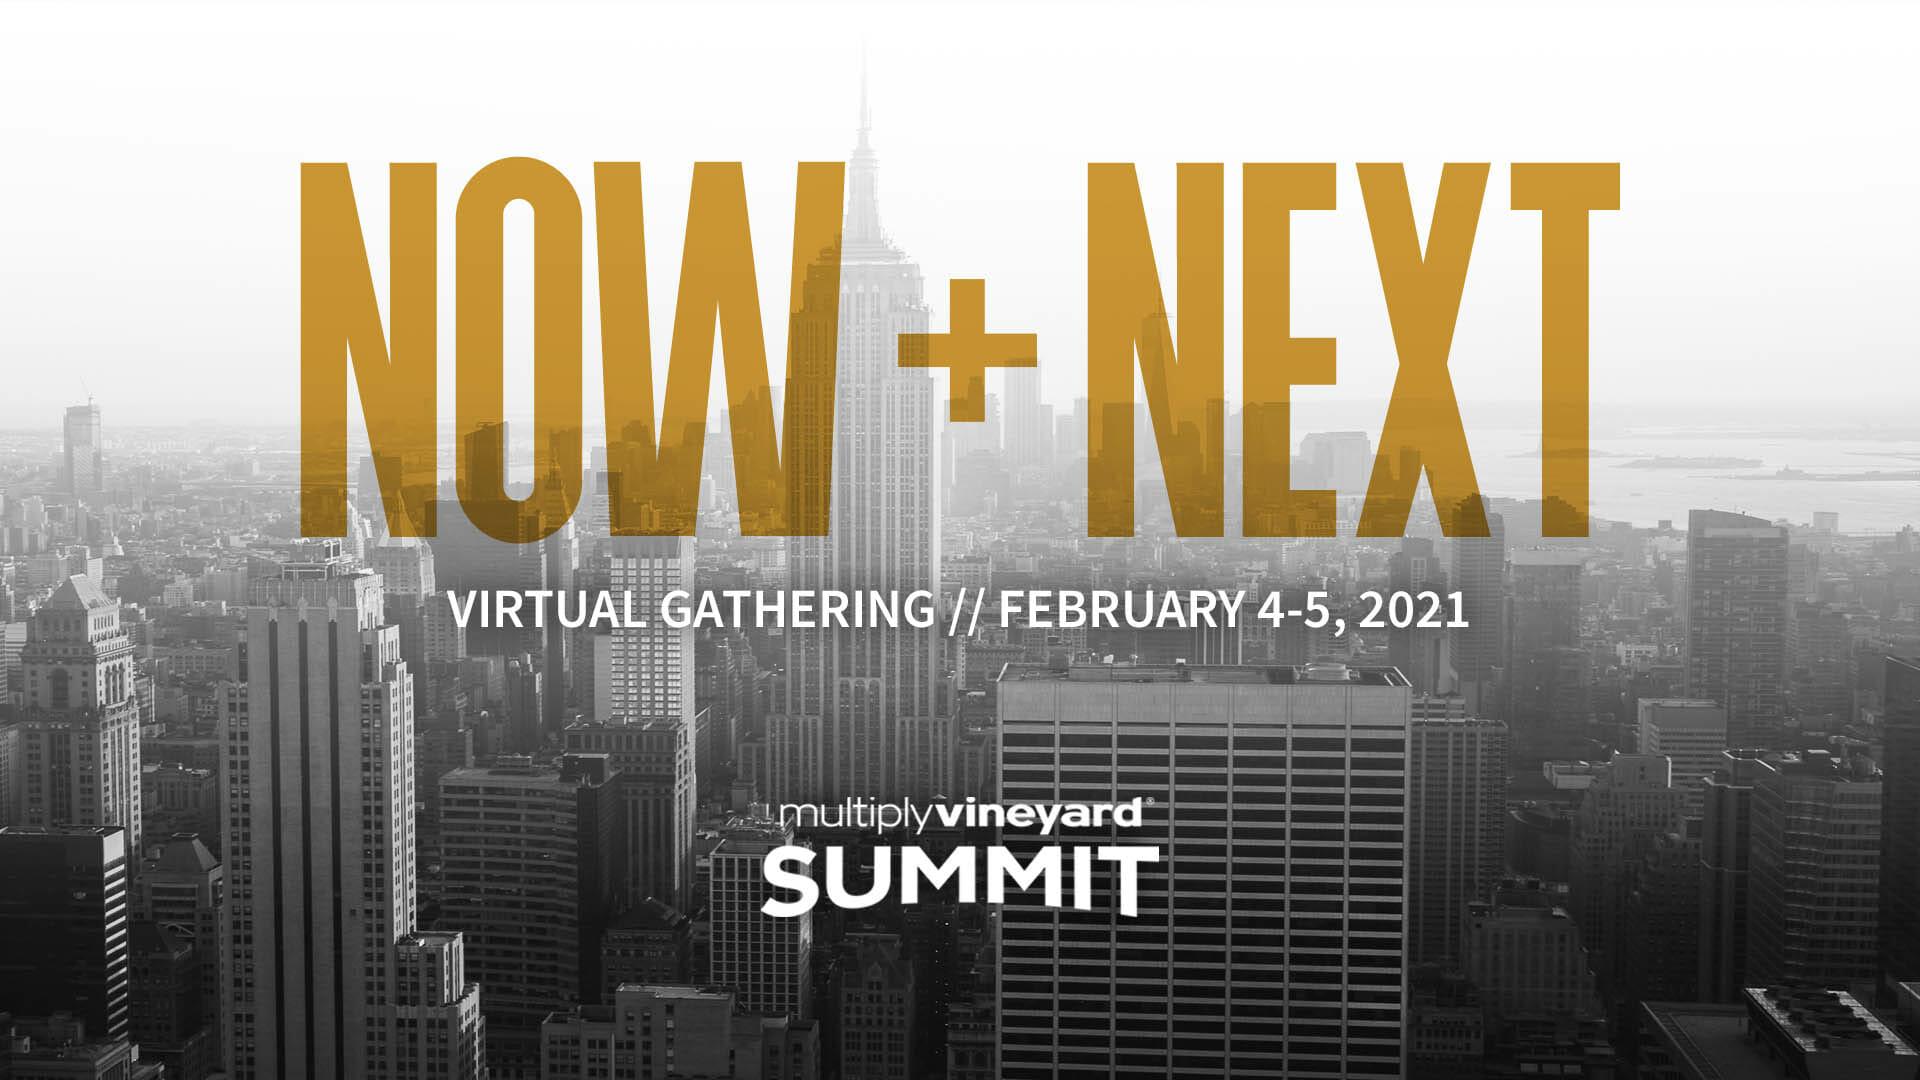 Multiply Vineyard Summit 2021: Now & Next